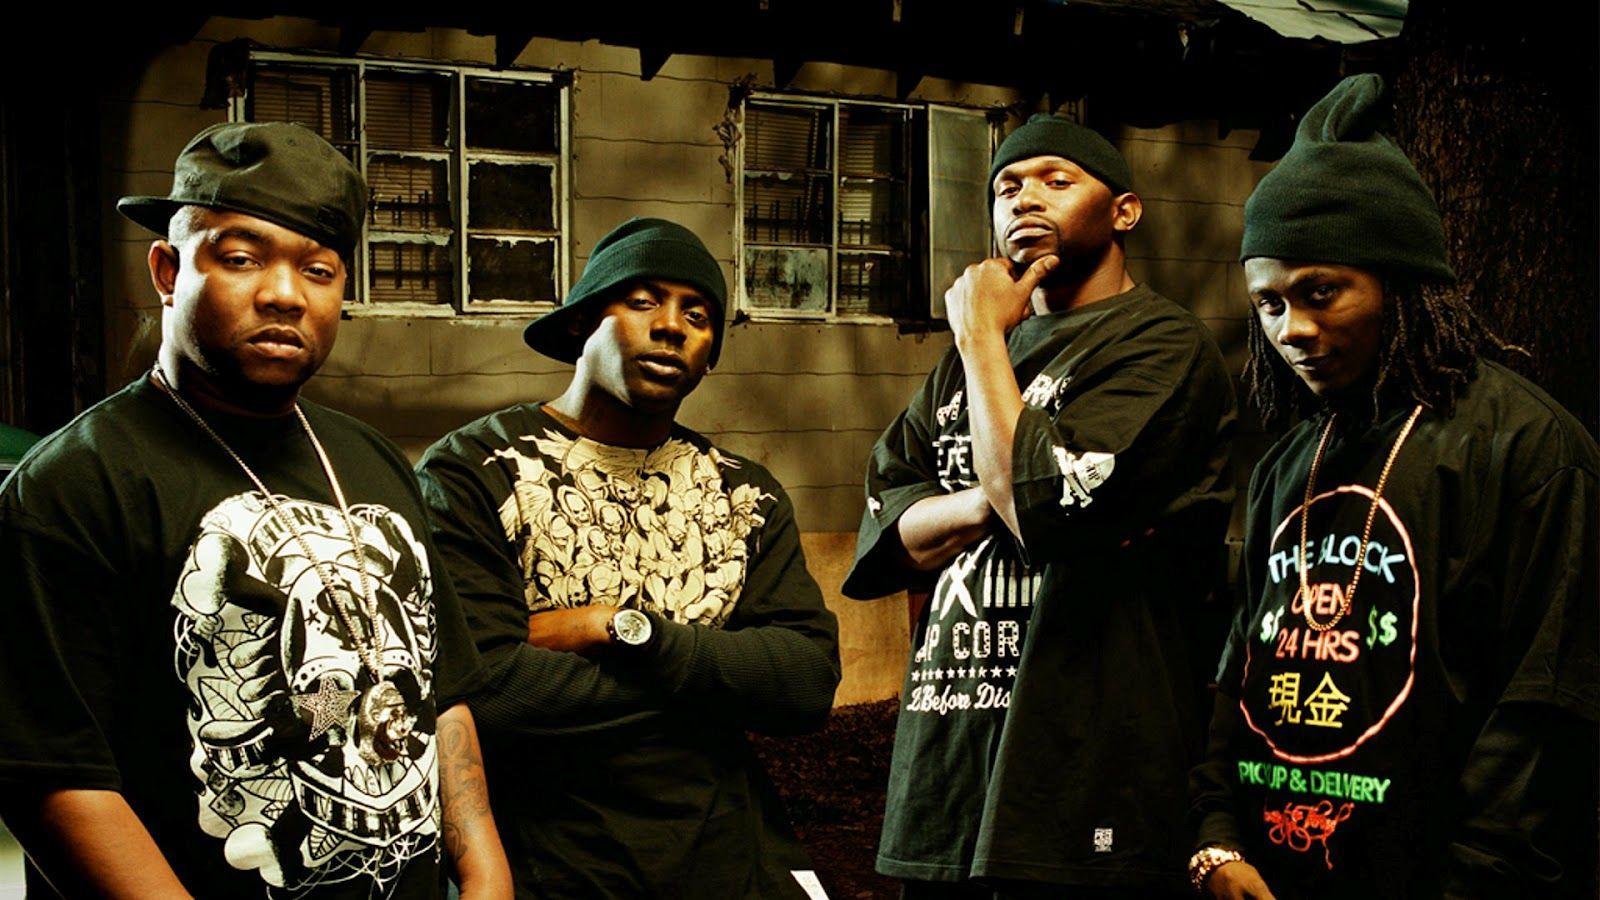 Bloodhoof eminem hardcore hip hop pop rap mucis black new hoodie asian sizehoodies sweatshirts